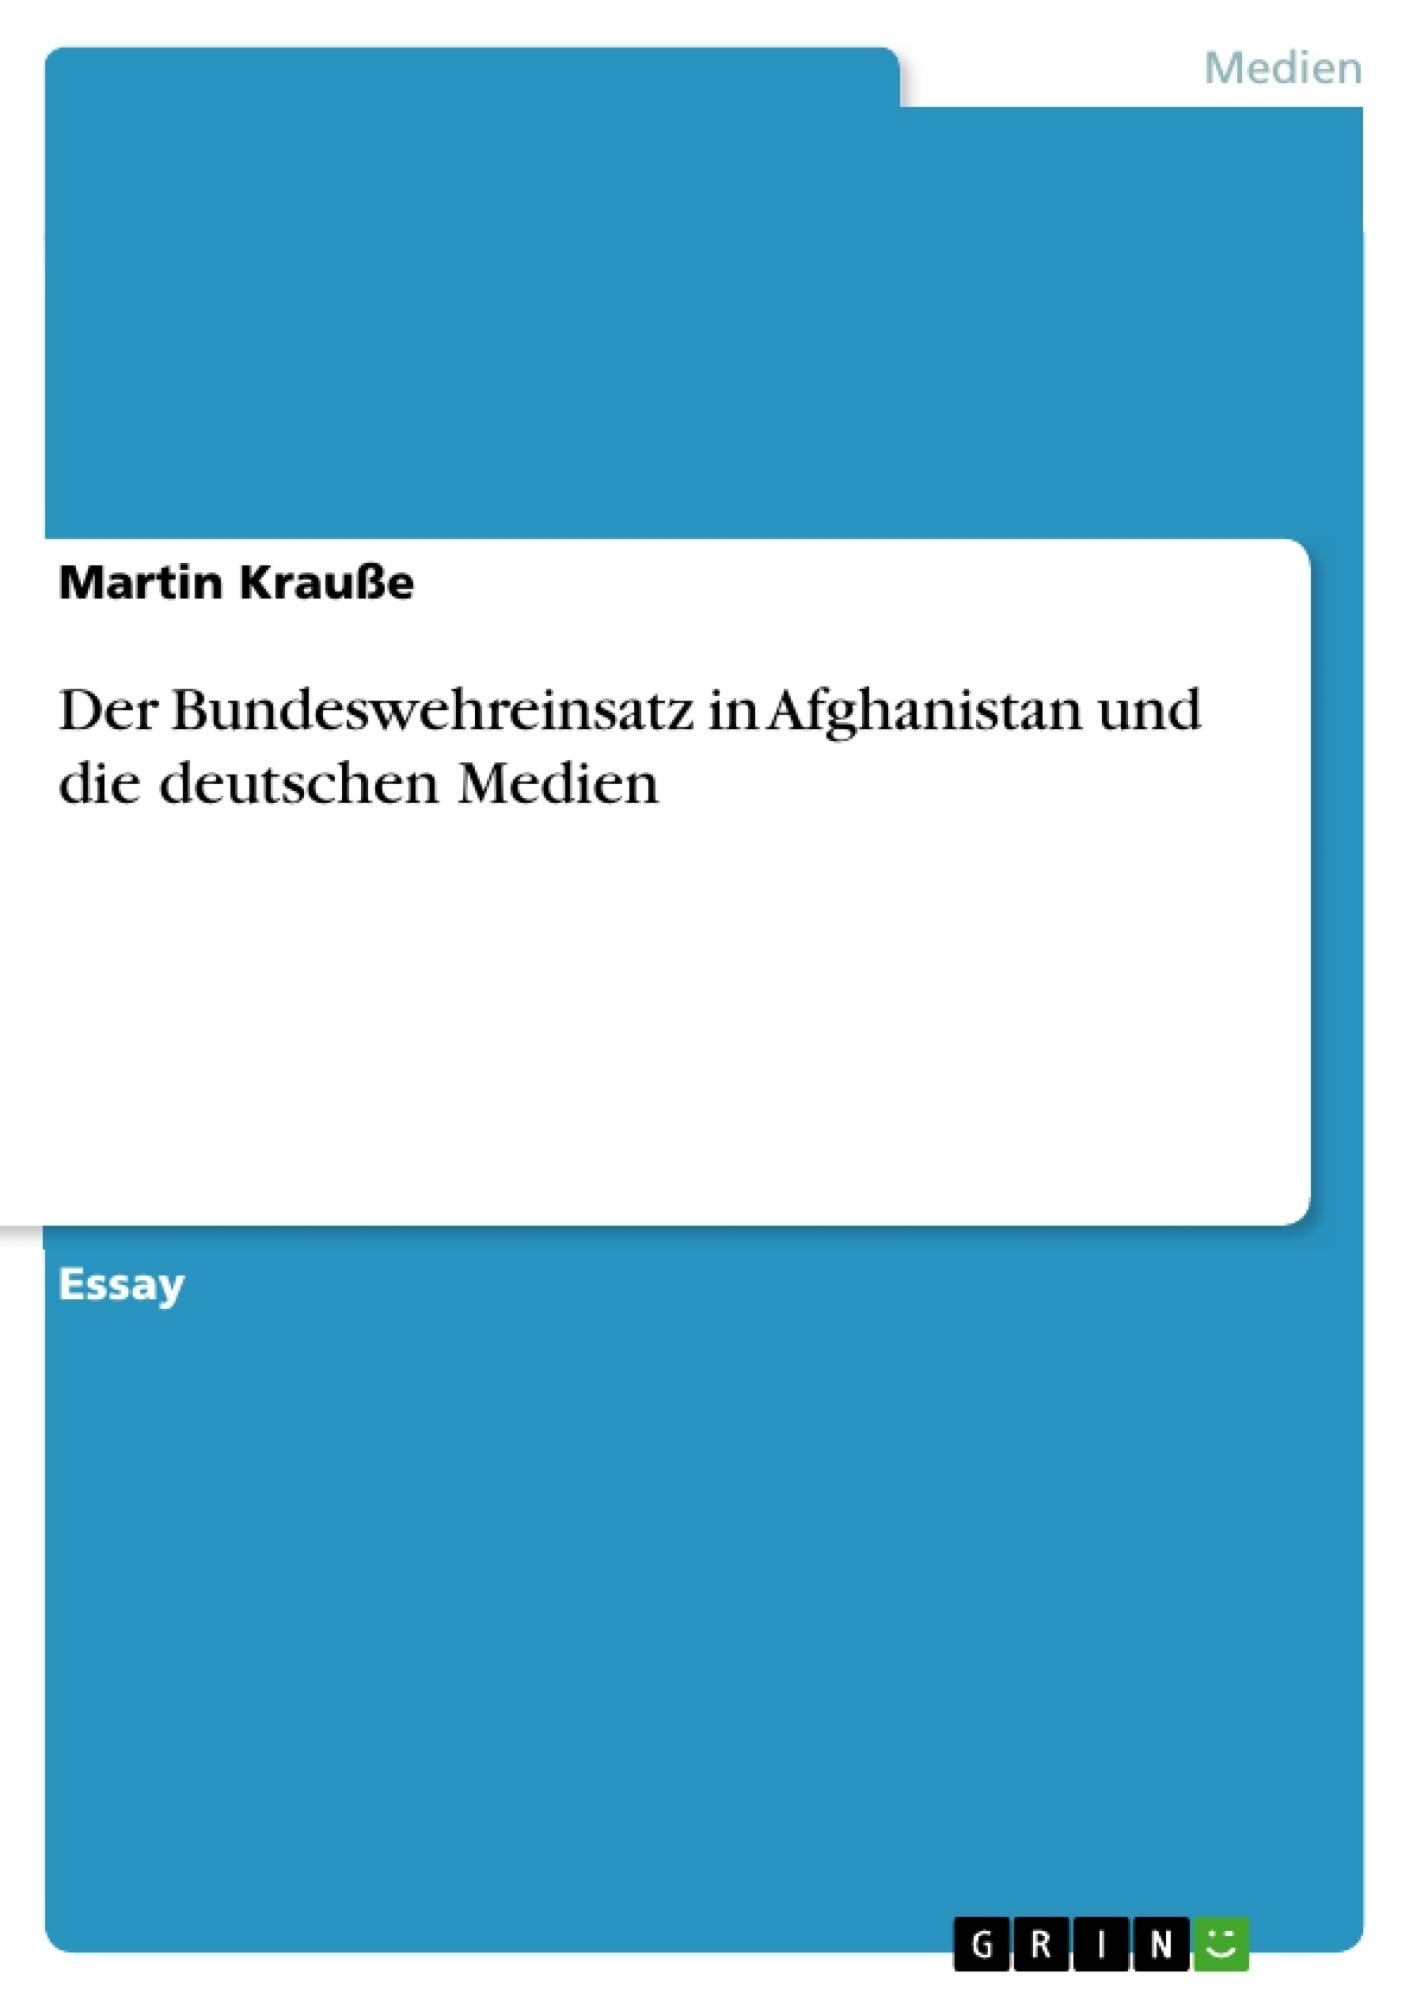 Titel: Der Bundeswehreinsatz in Afghanistan und die deutschen Medien